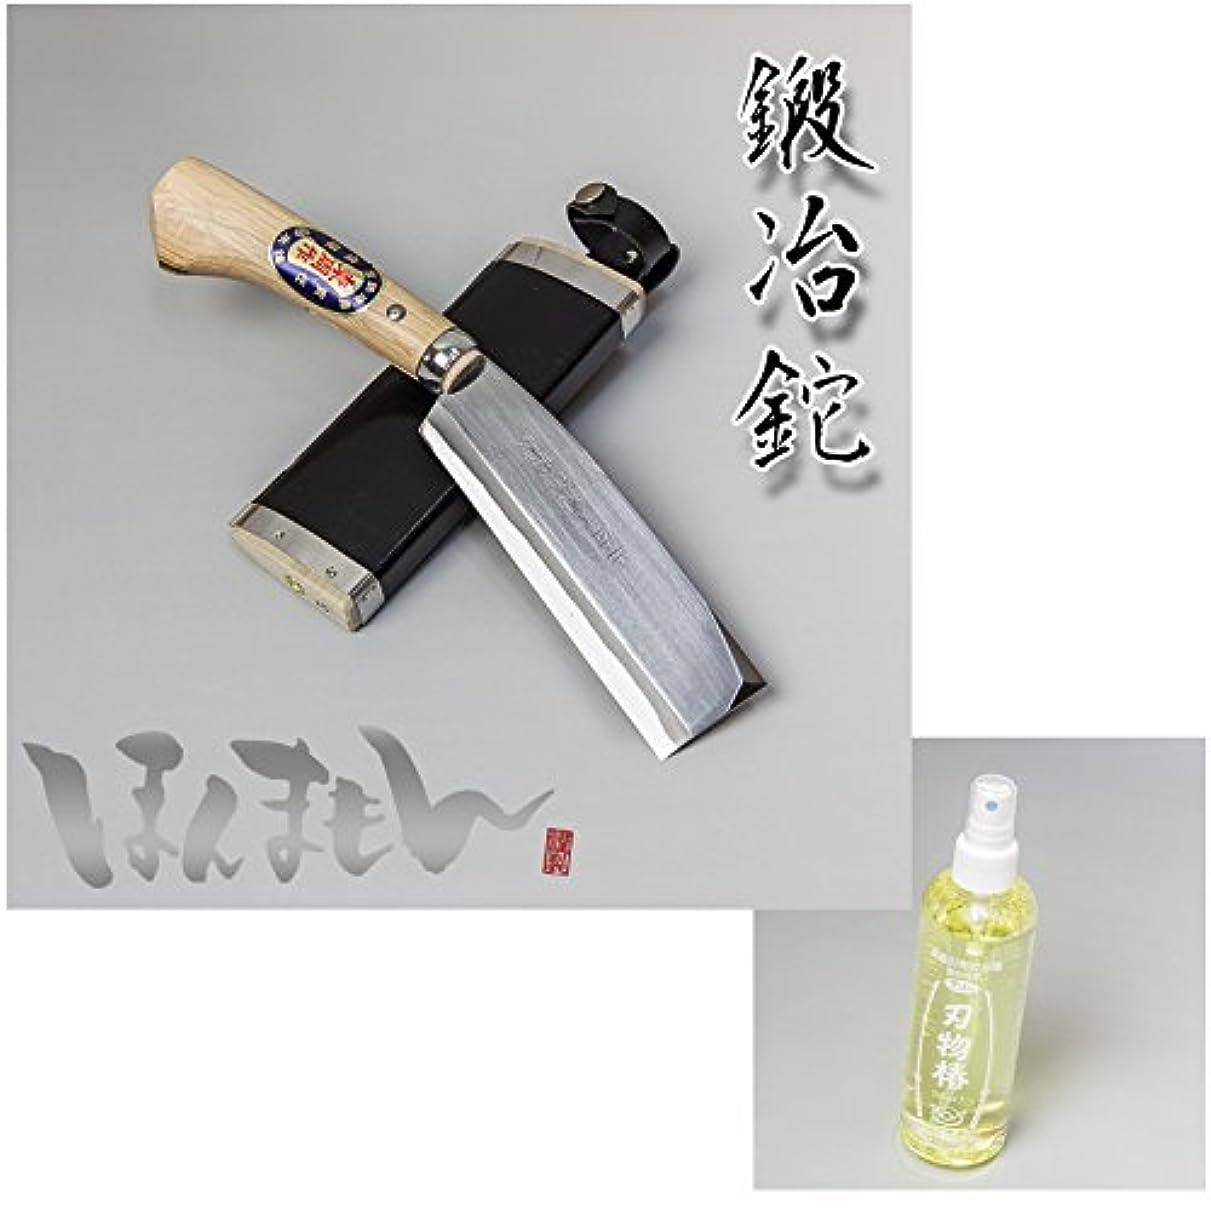 ピクニックをする預言者彼女は本場土佐 火造り鉈 最高級 腰ナタ 片刃 白紙 鋼 150 mm+ 椿油 245ml セット